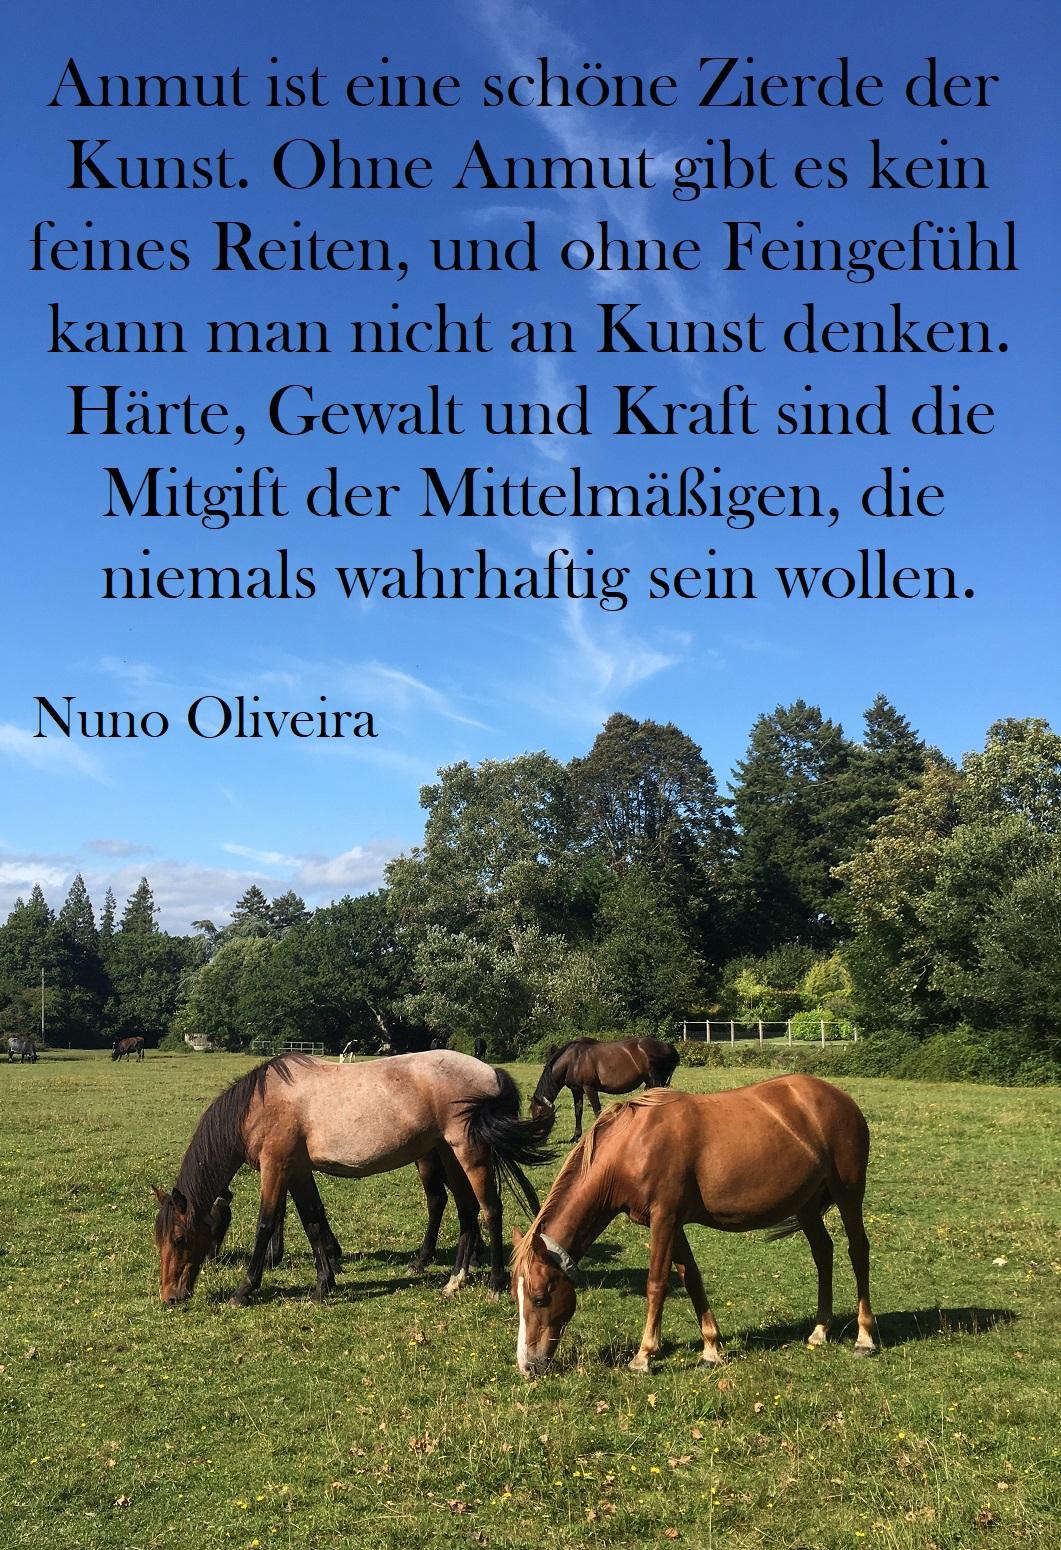 Spruch über Pferde